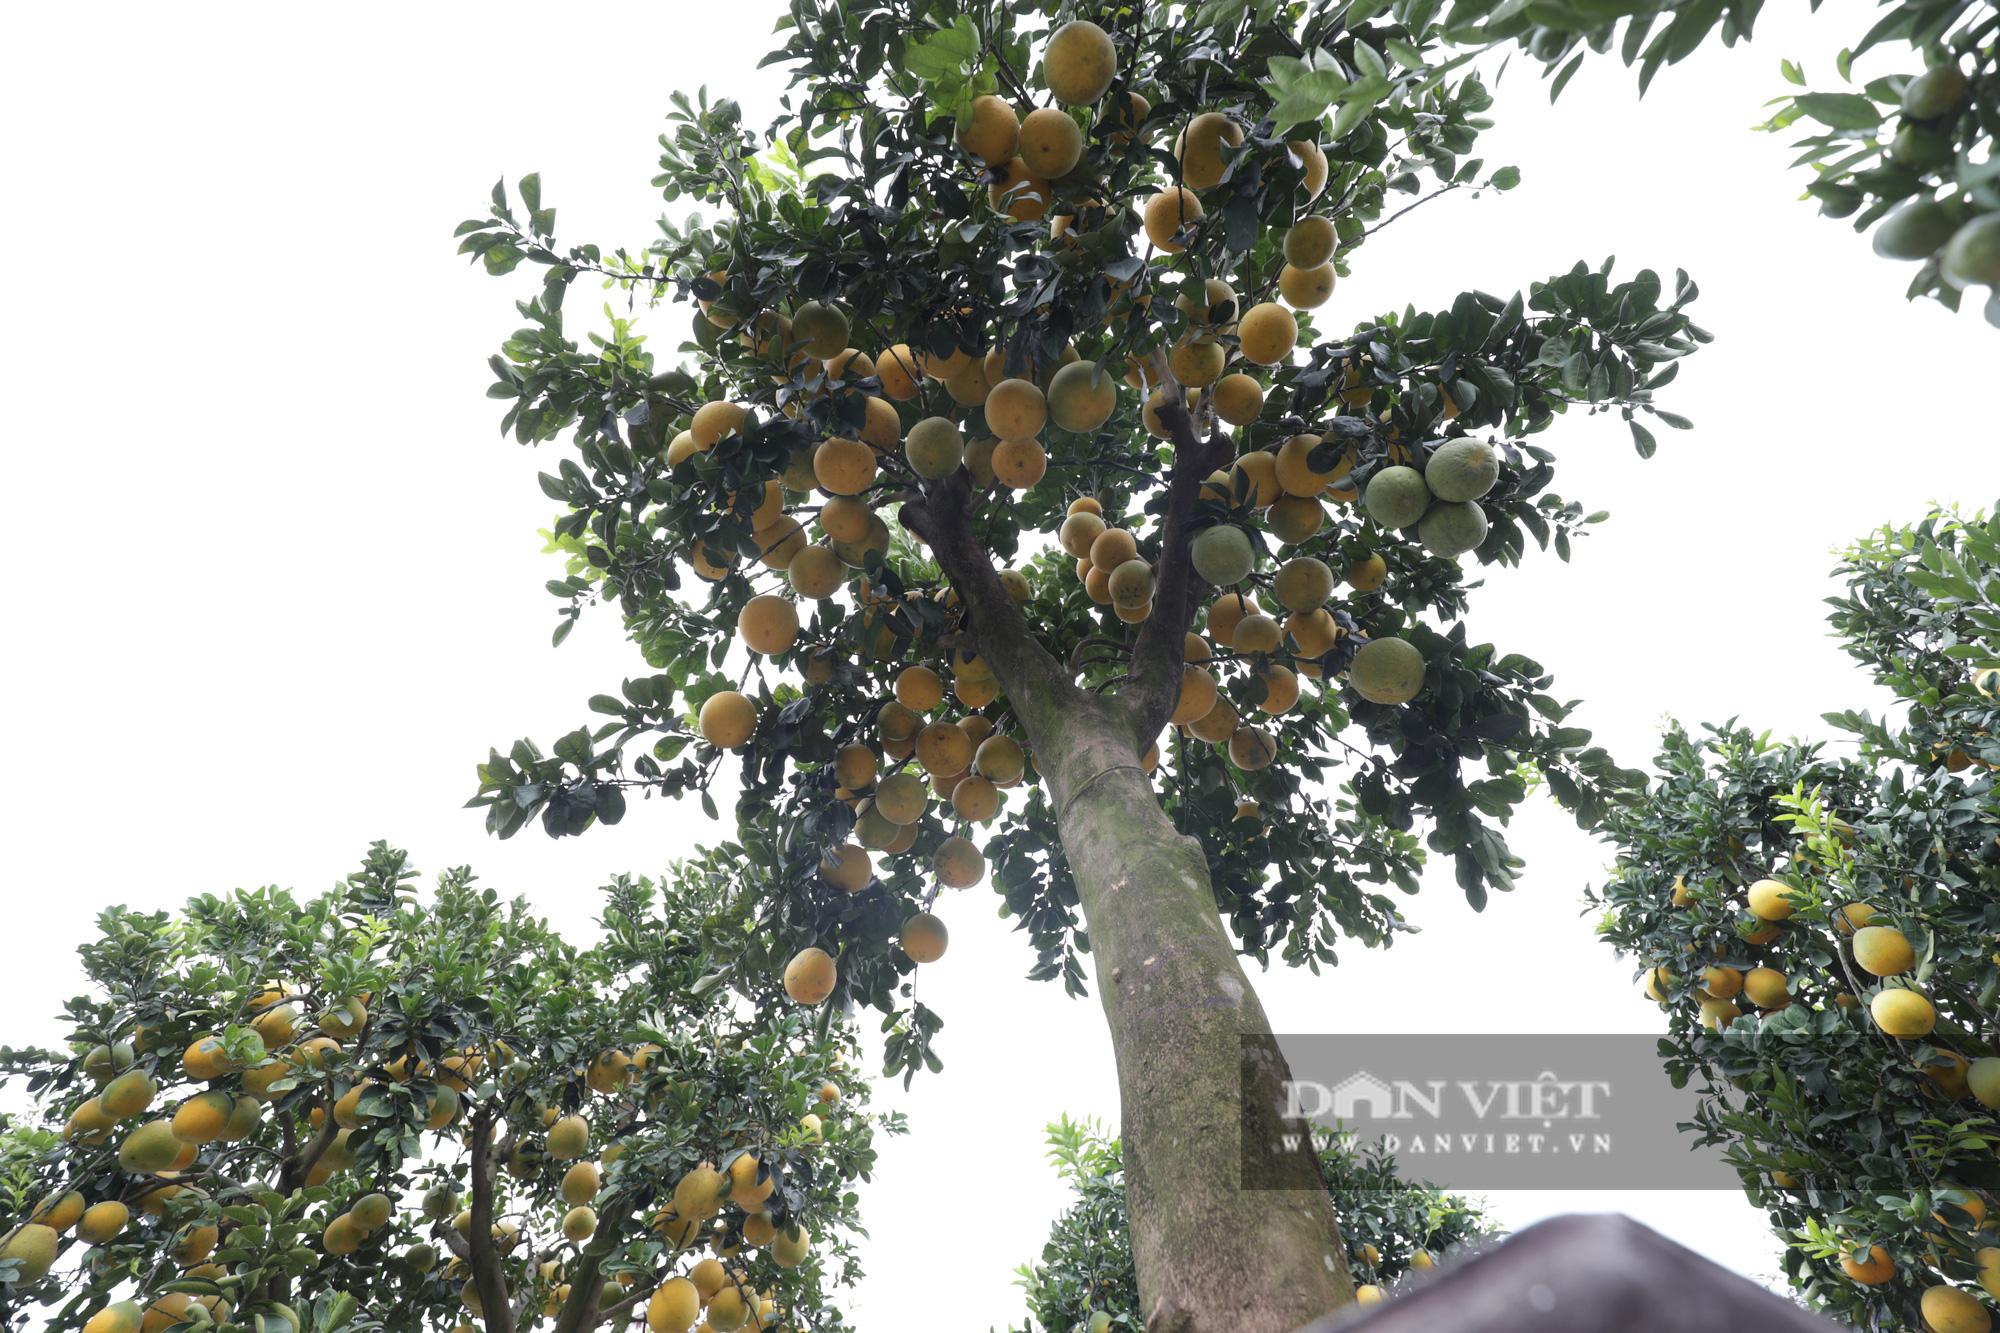 Đeo lúc lỉu hơn 200 quả trên cây: Bưởi cảnh khổng lồ 'hét' giá cho thuê gần 100 triệu đồng - Ảnh 3.